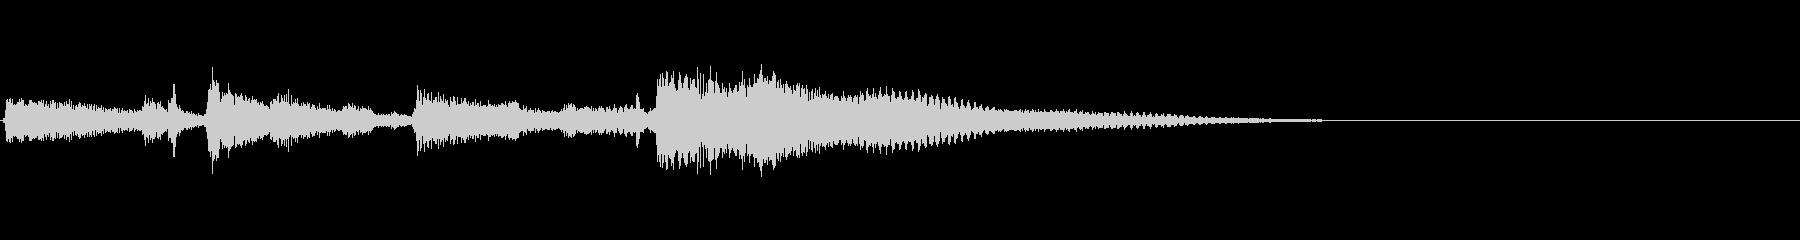 エレキギタークリーントーンのジングルの未再生の波形